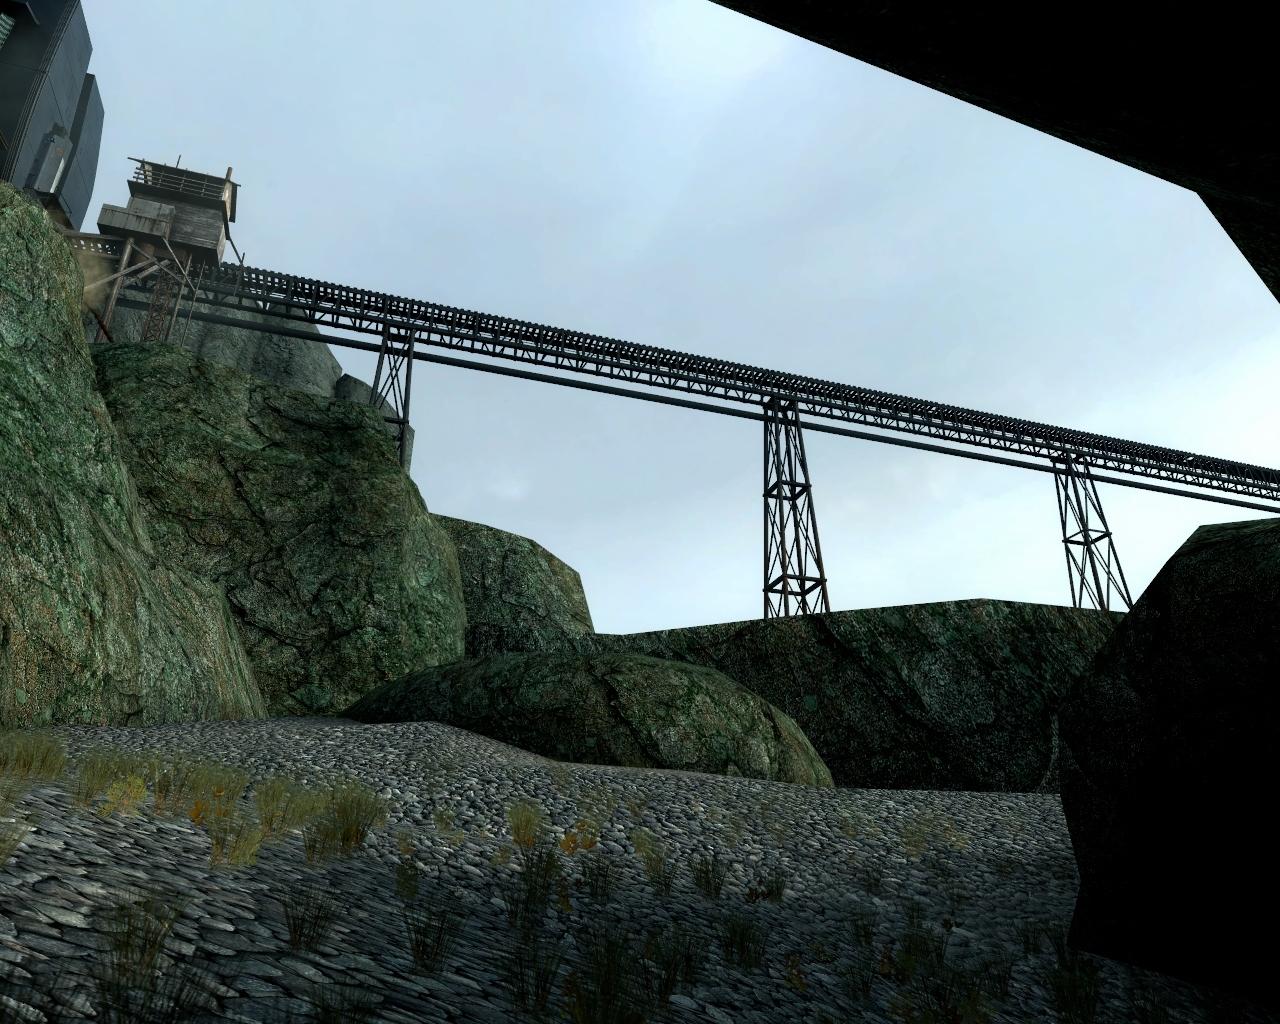 depot_010036.jpg - Half-Life 2 Depot